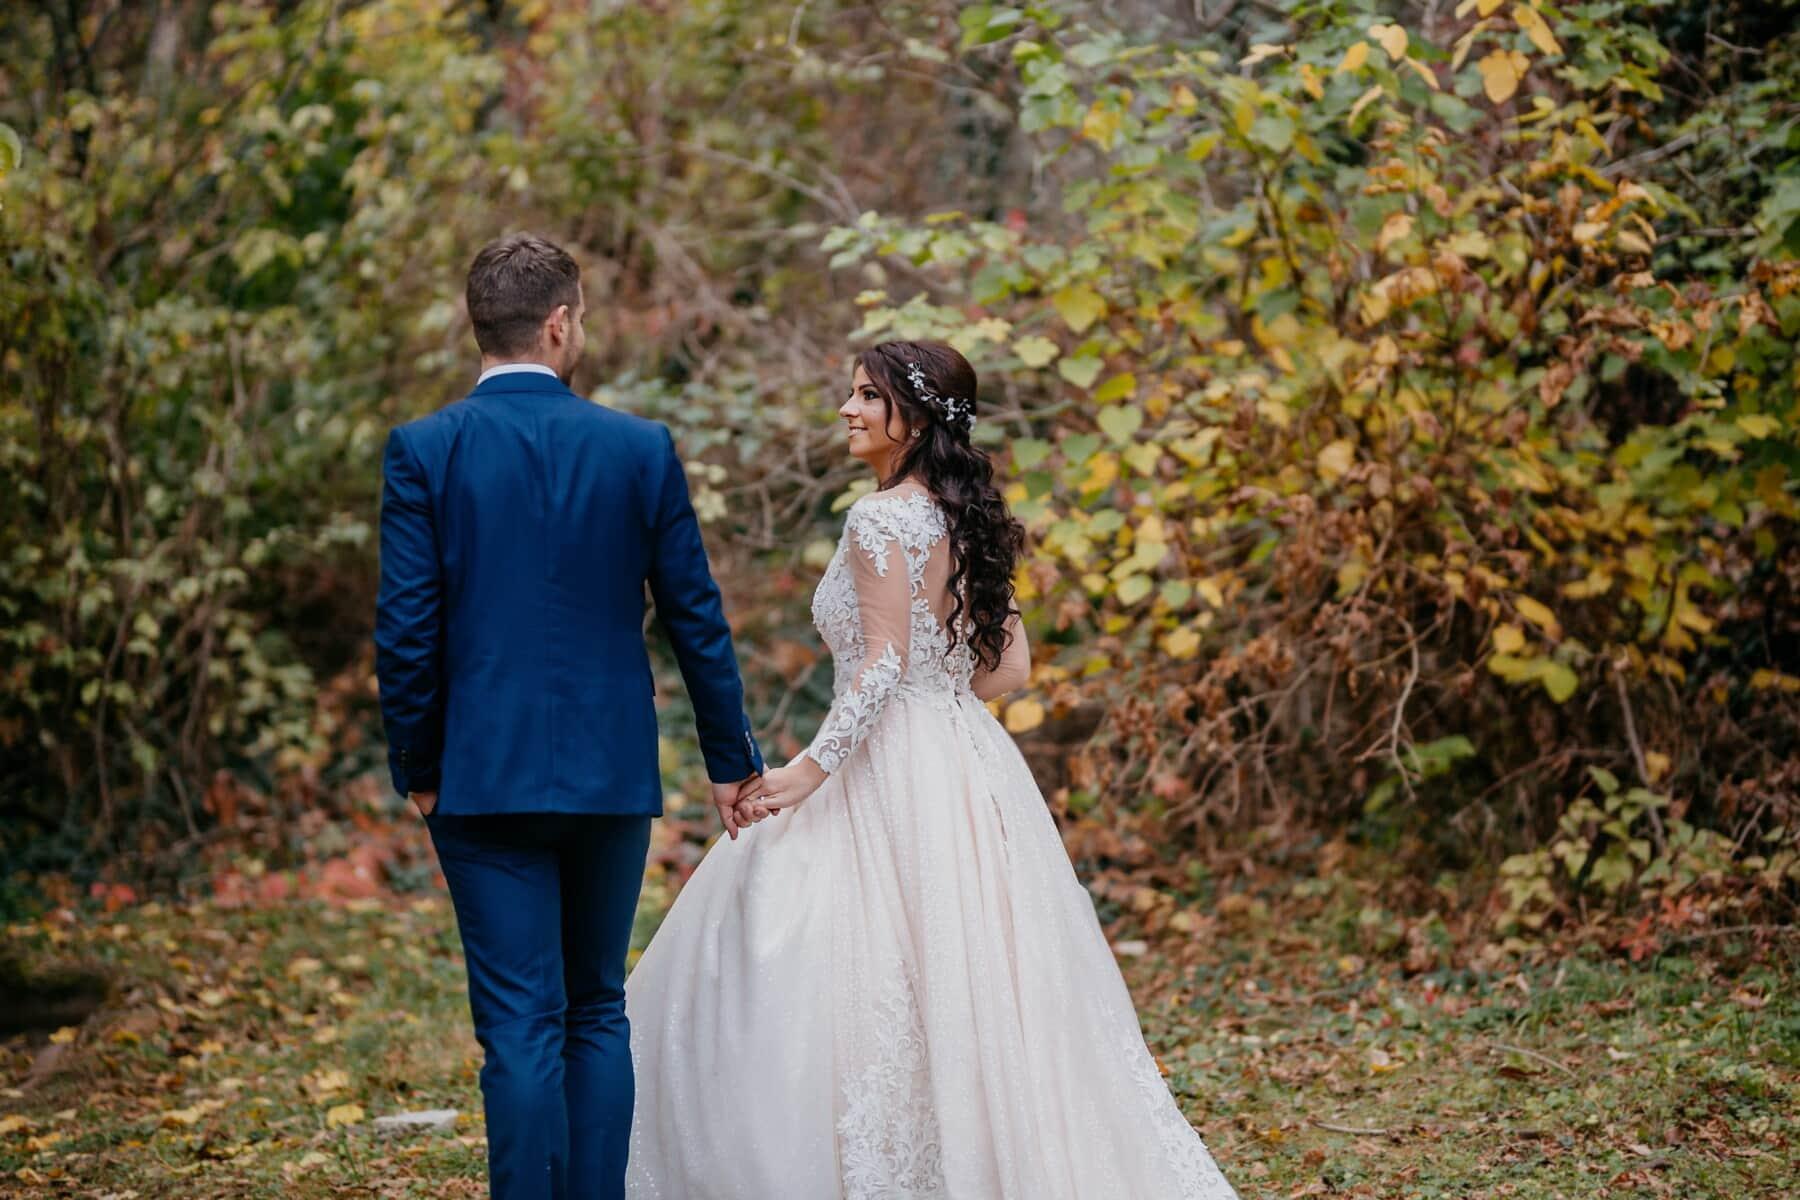 jeune marié, la mariée, marche, main dans la main, sentier de la forêt, amour, mariage, robe, marié, mariage